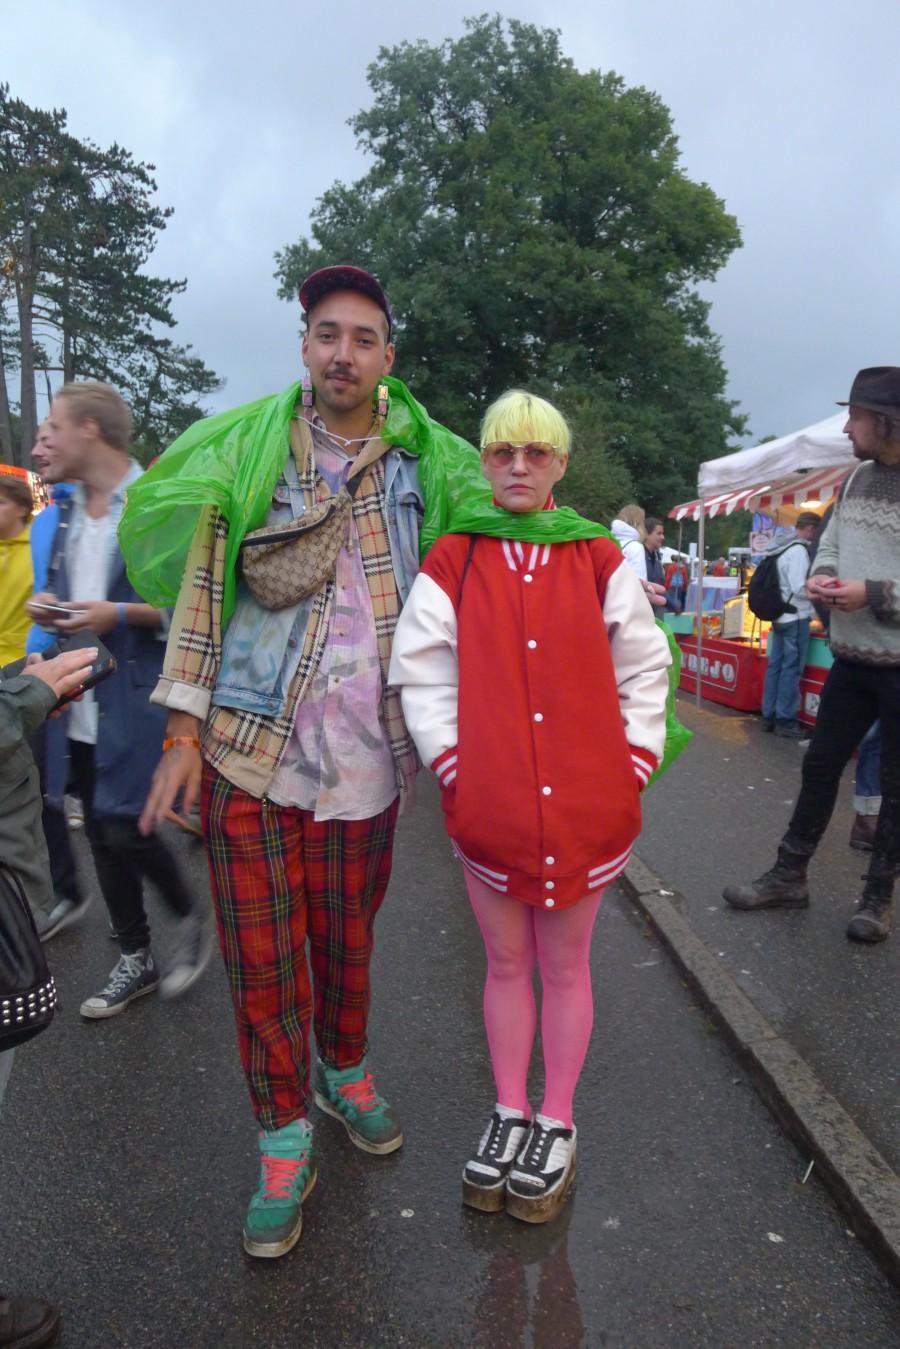 Rufus och Grebnellaw var på plats och representerade butiken Wos som hade en pop up under festivalen.